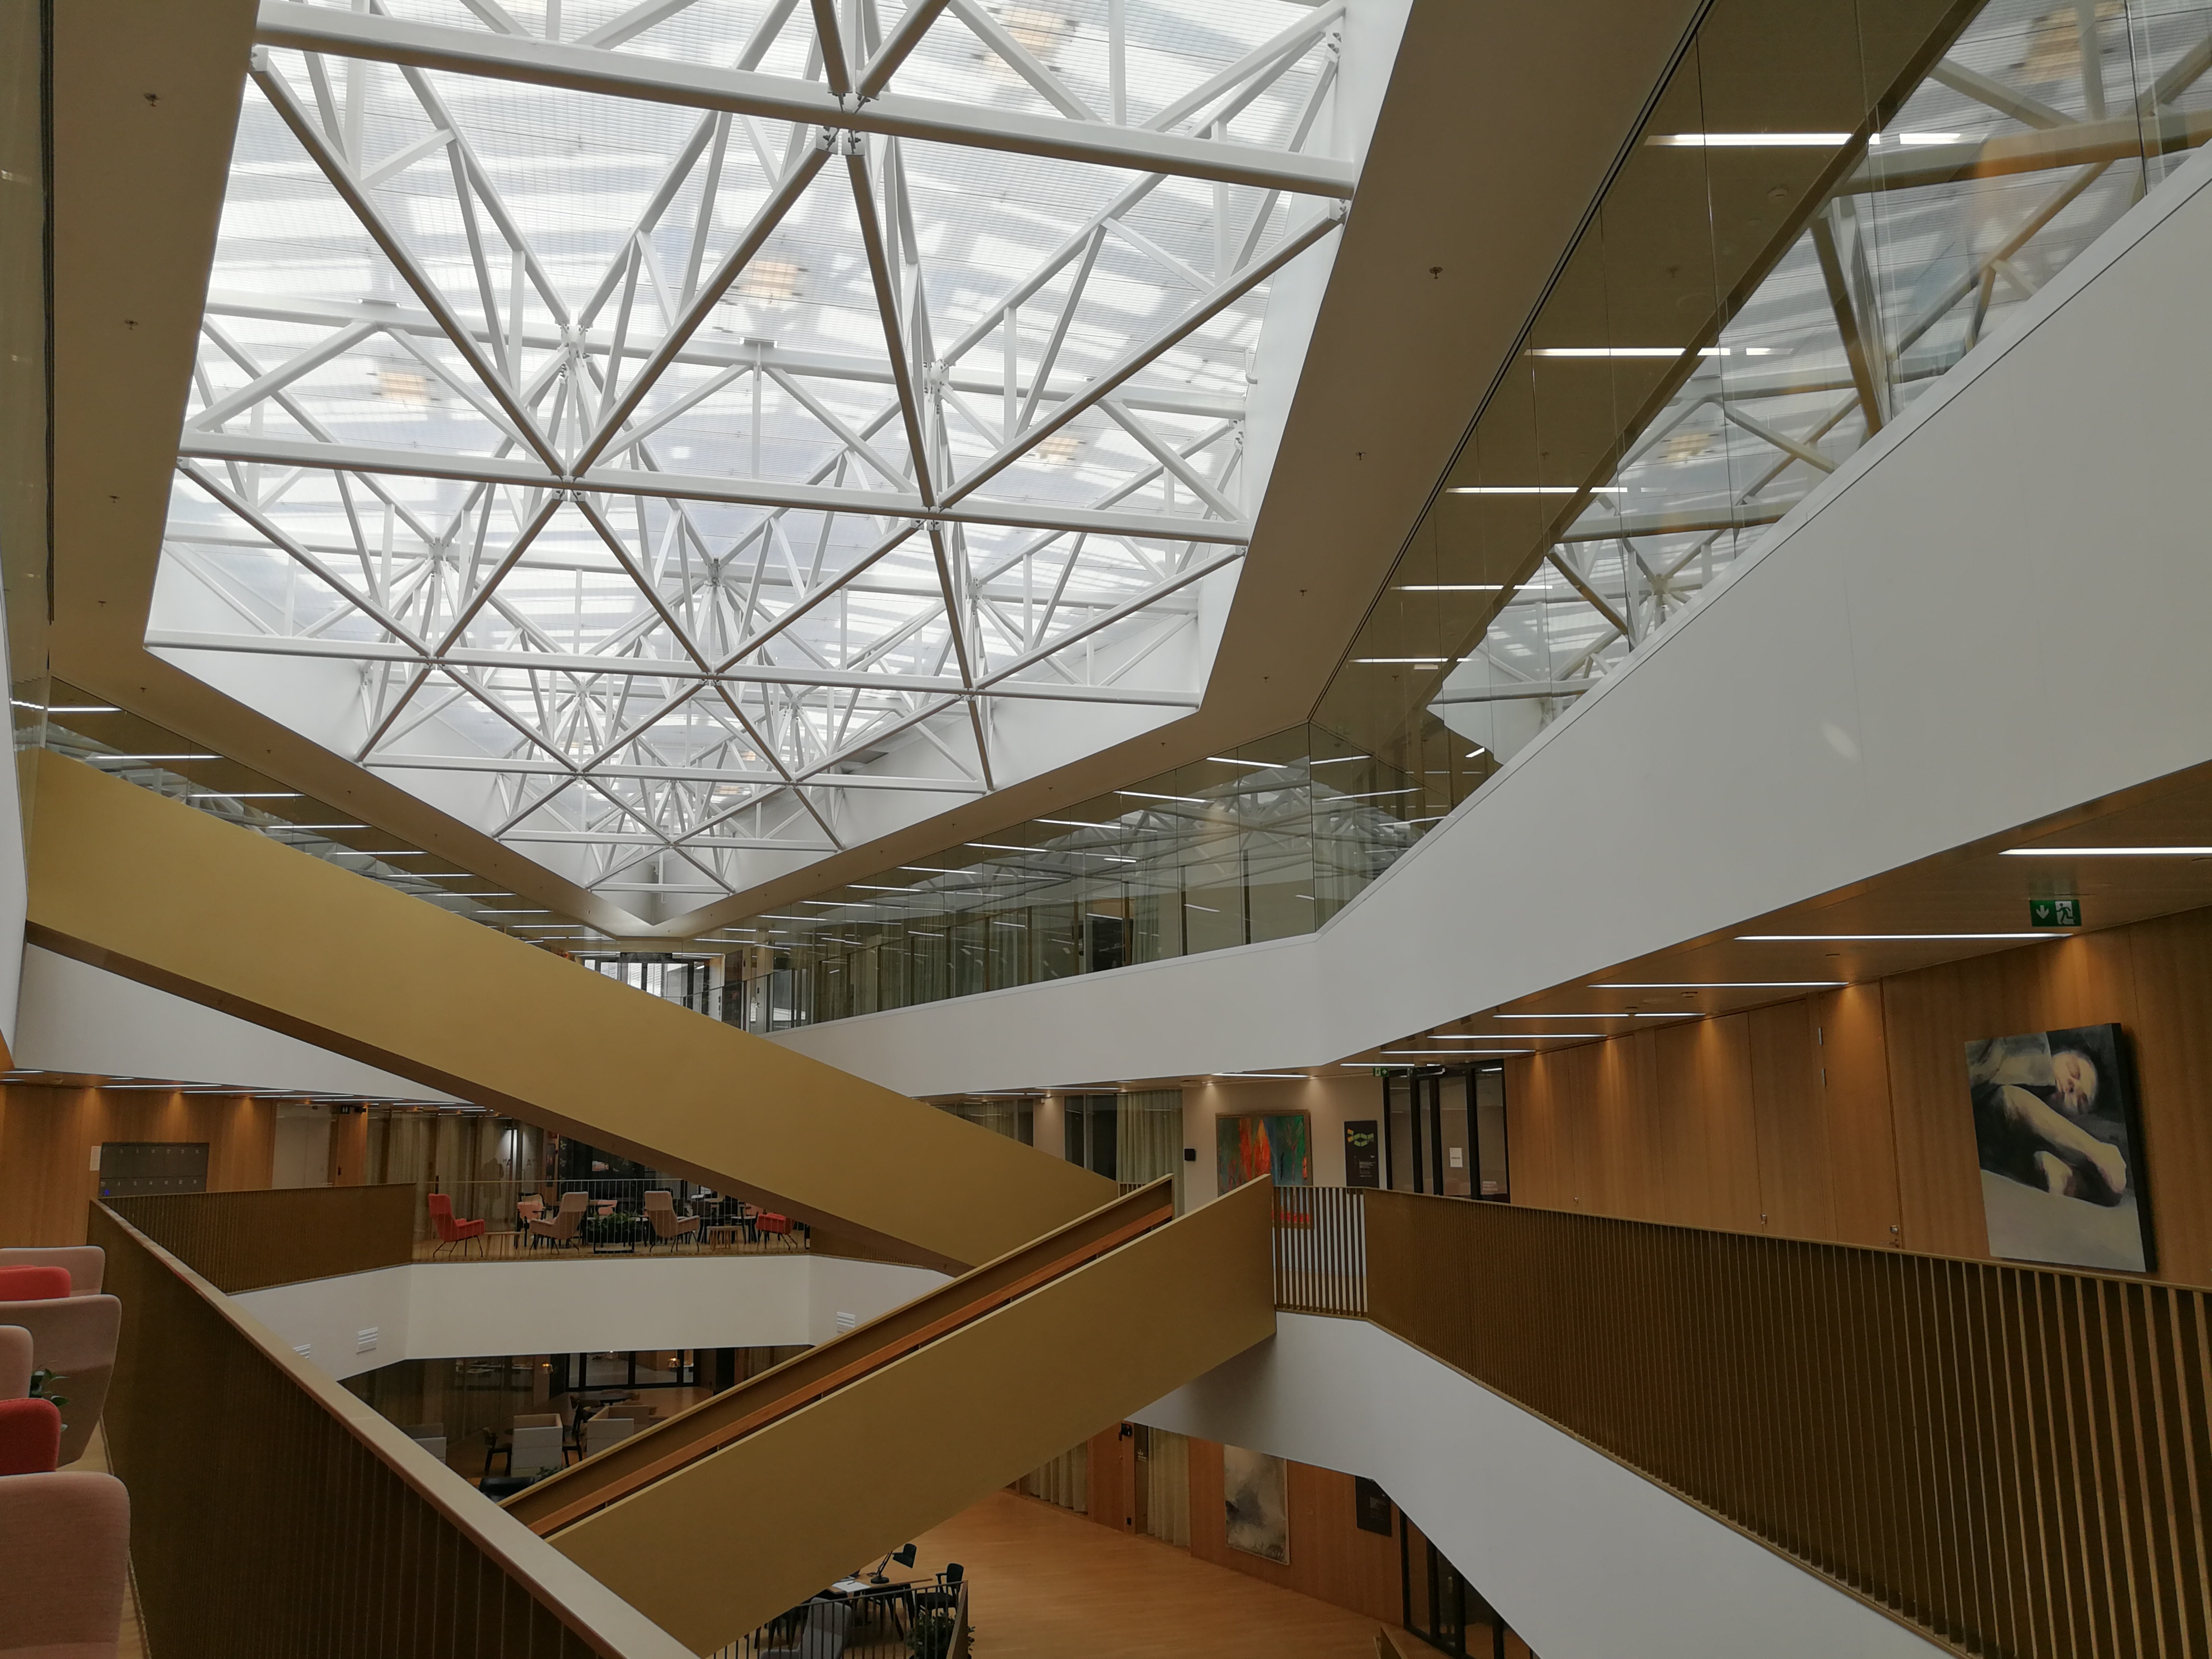 Ekonominaukio lobby 2nd floor